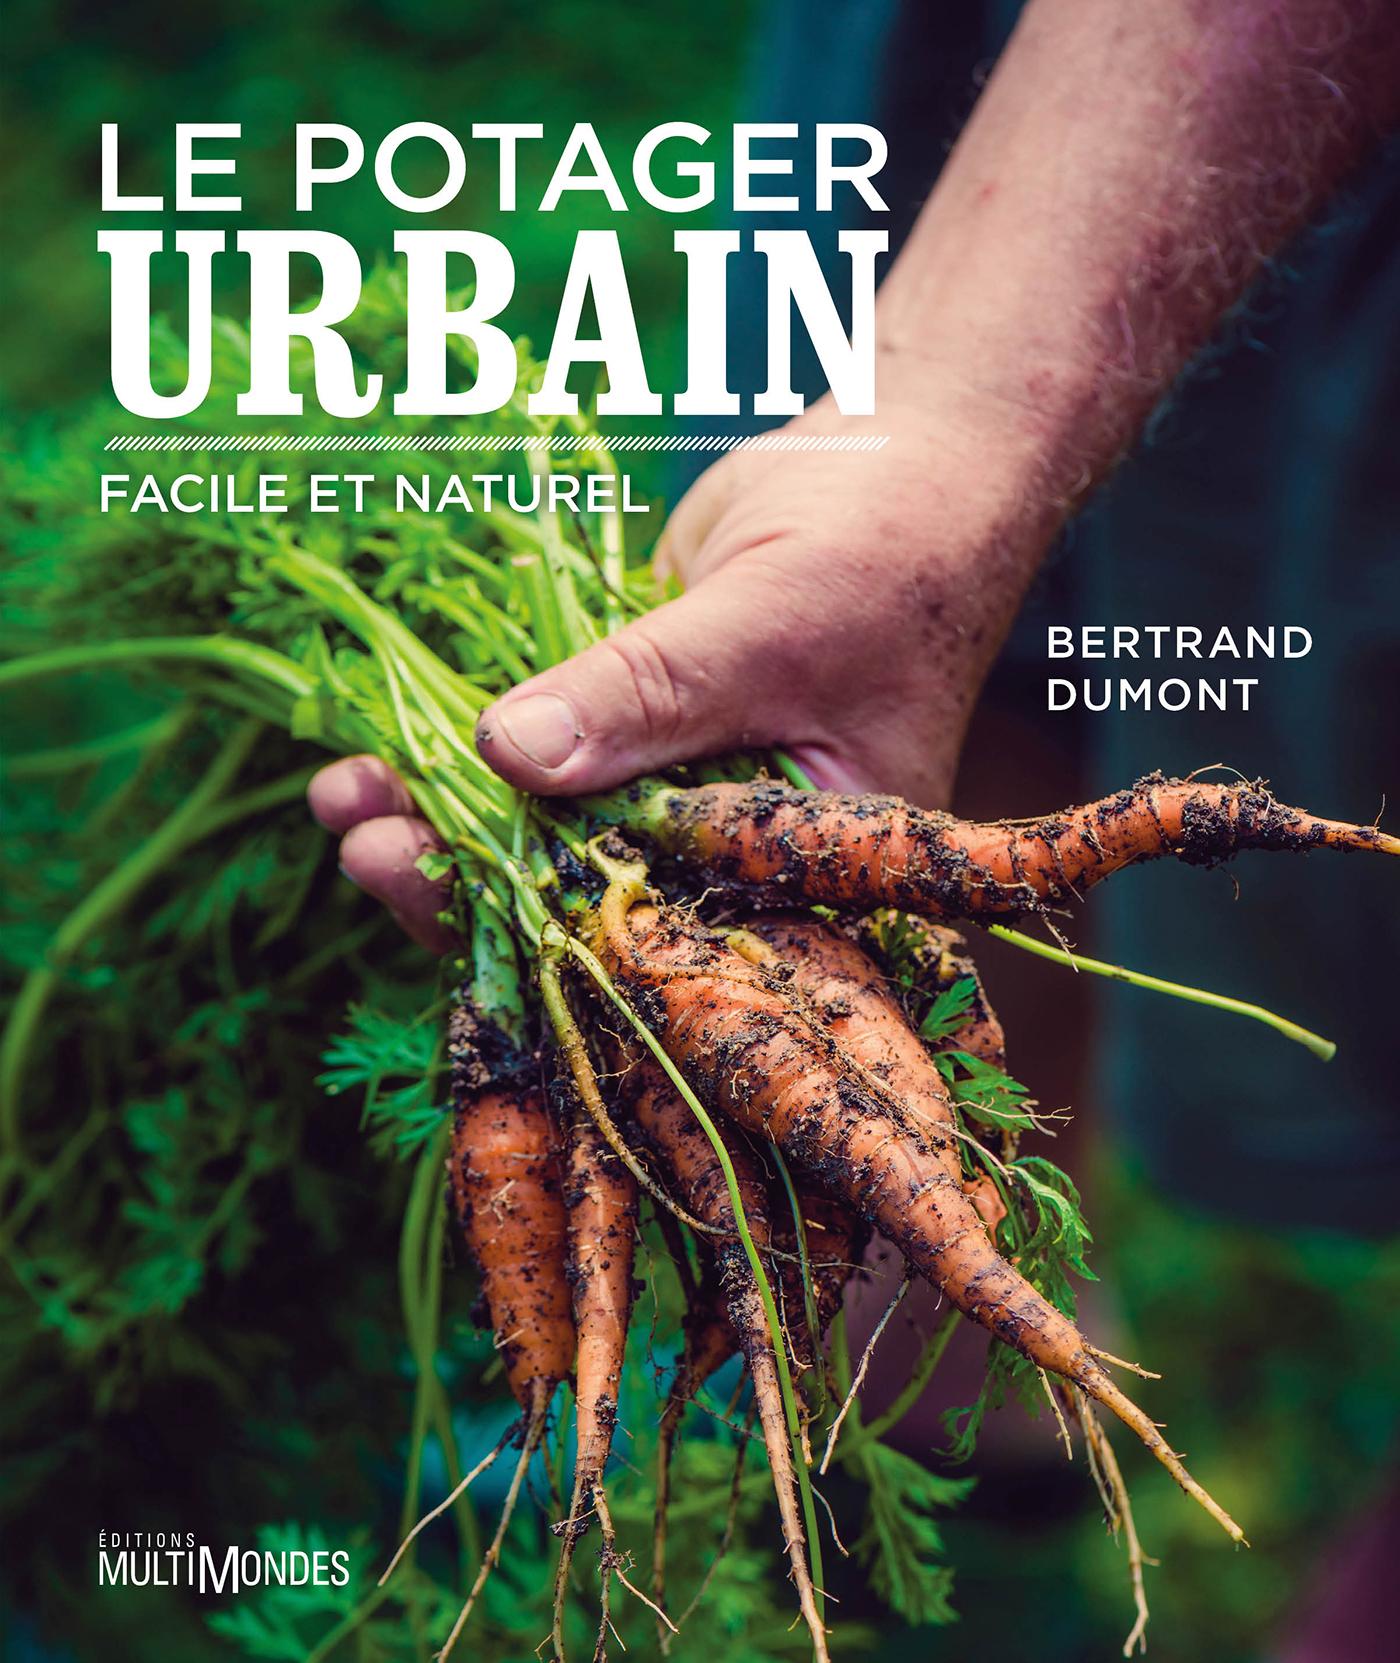 Le potager urbain, facile et naturel